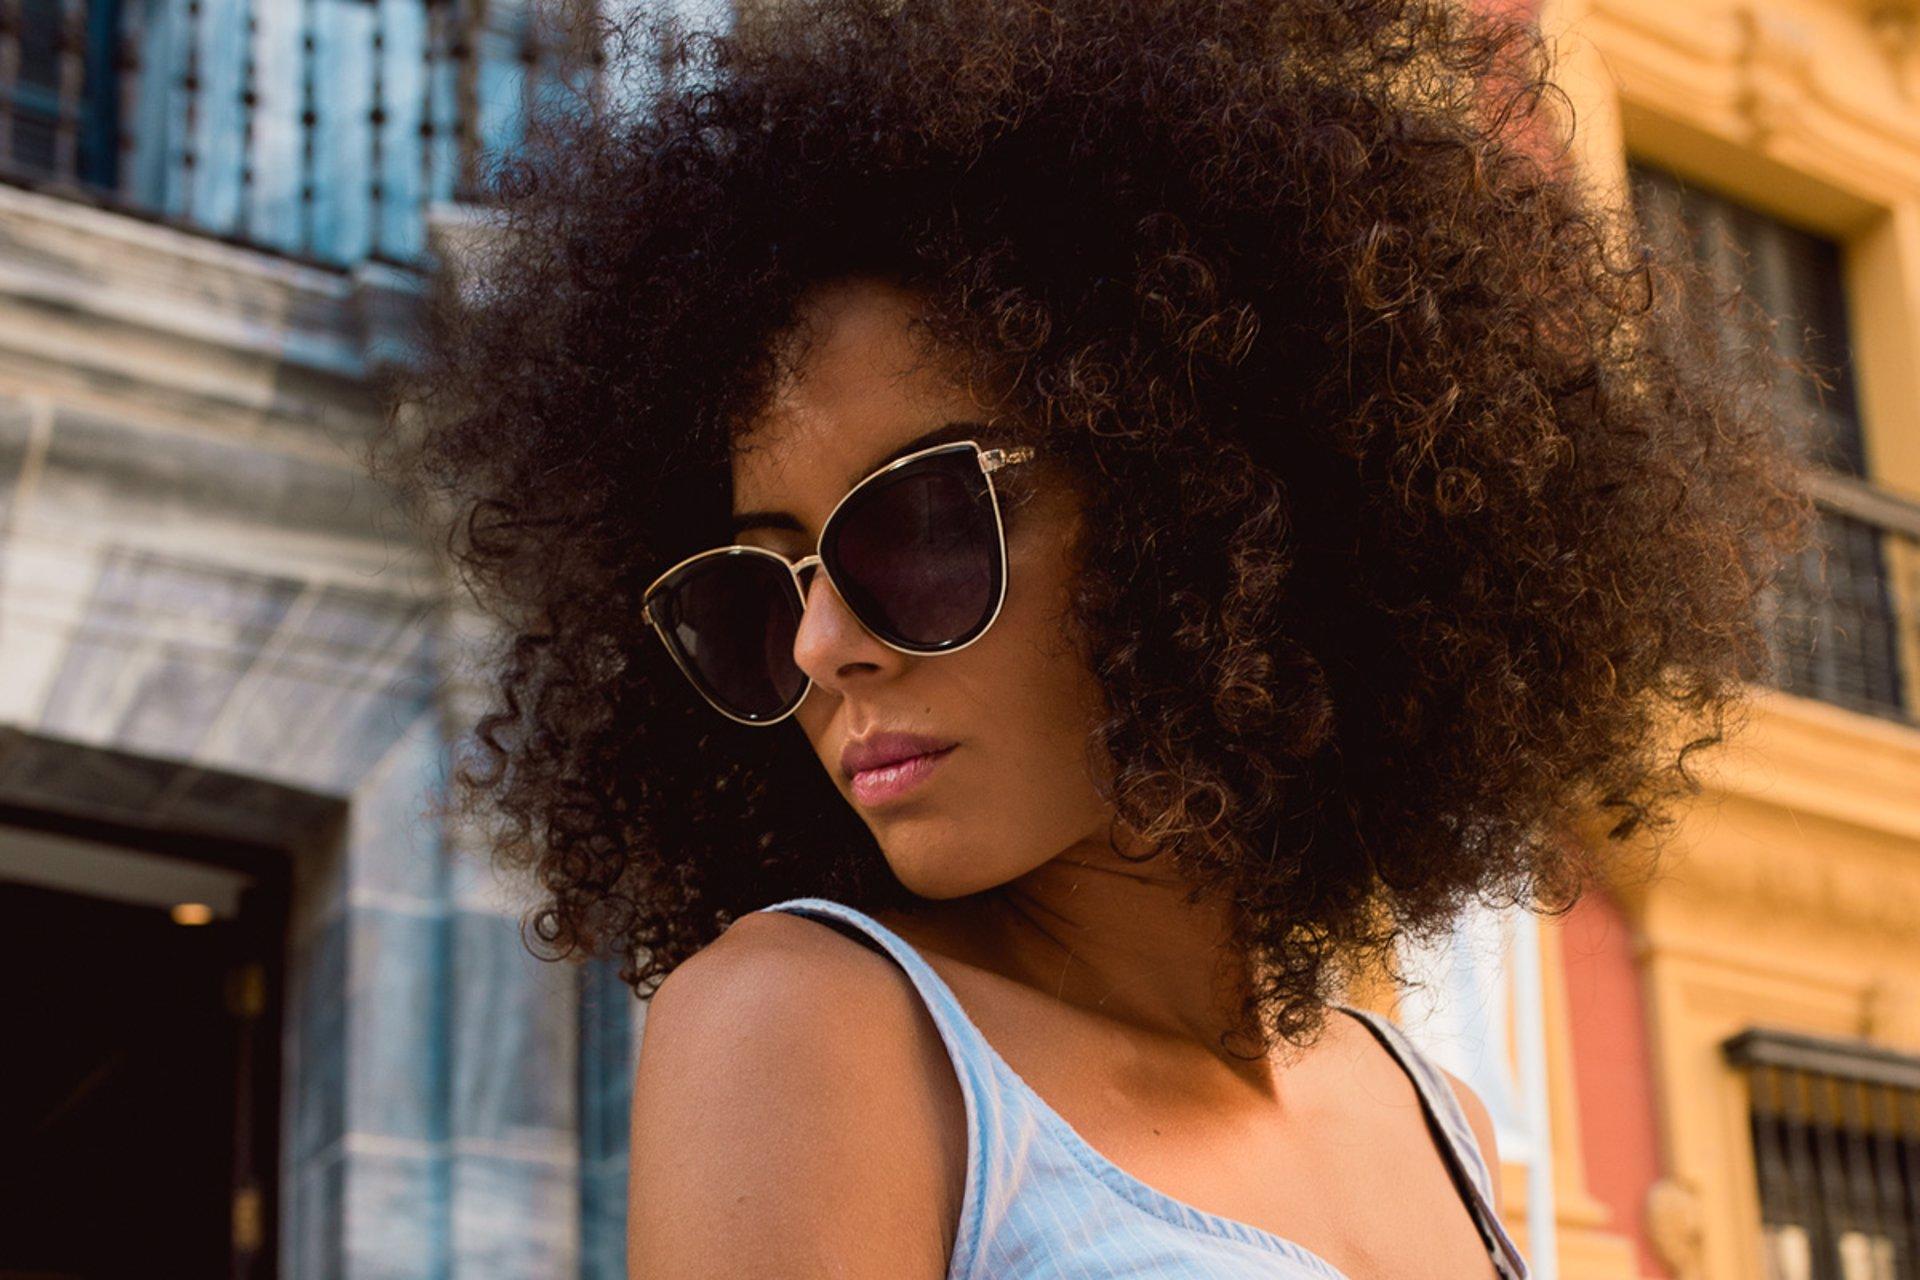 32a9c3ae08 En esta temporada aparecen nuevas gafas de sol de mujer con diseños de  lentes que se asemejan a las cat eyes terminadas en punta que alargan tu  mirada o con ...